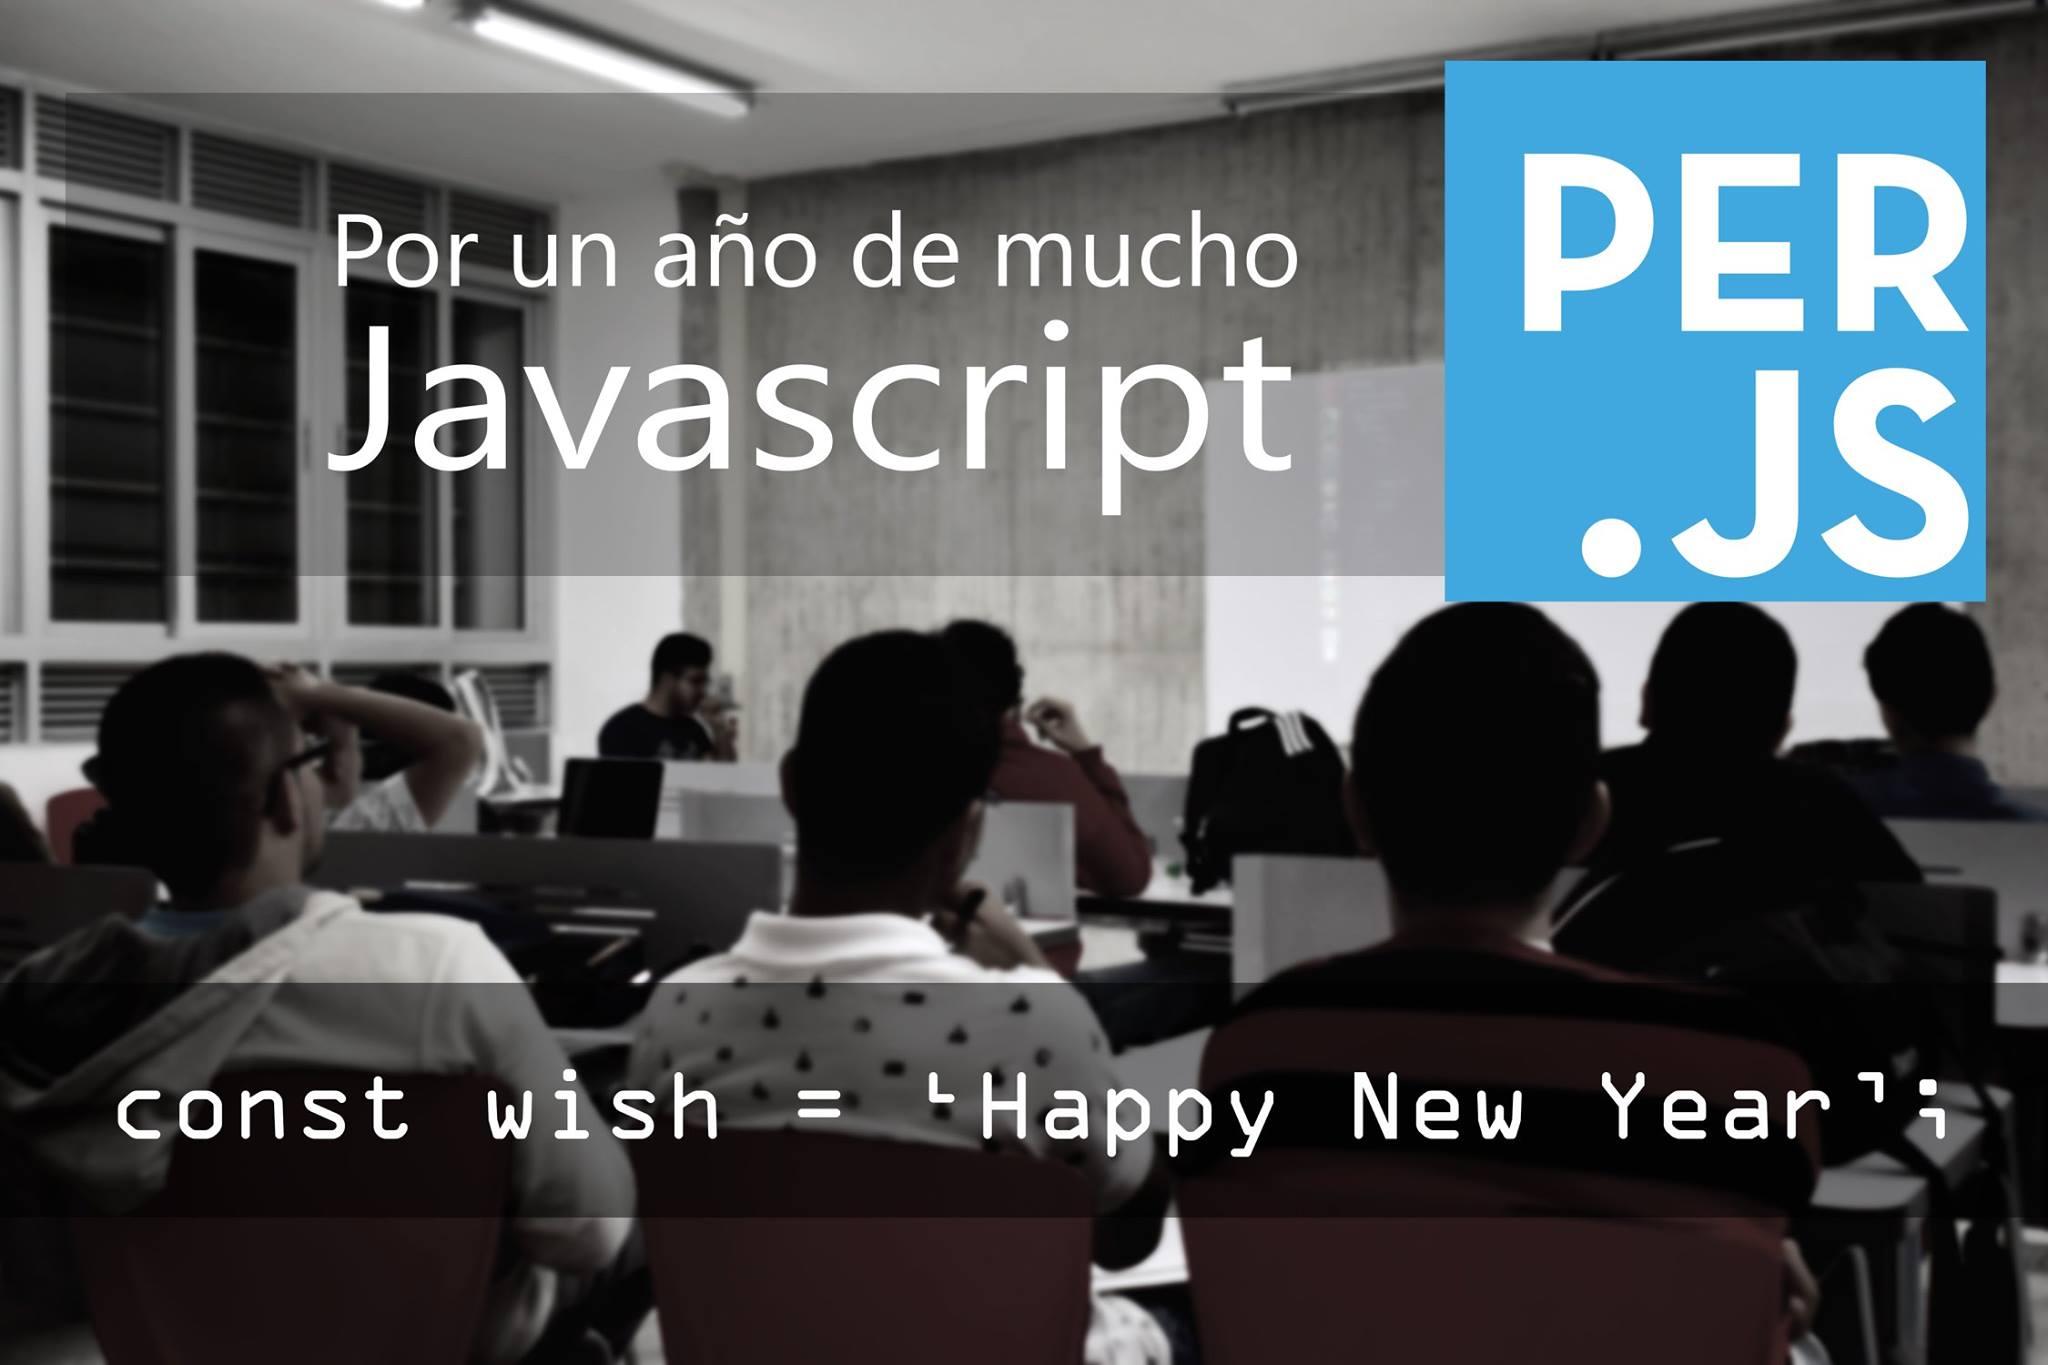 Reflexiones de lo aprendido en 2016 sobre Javascript